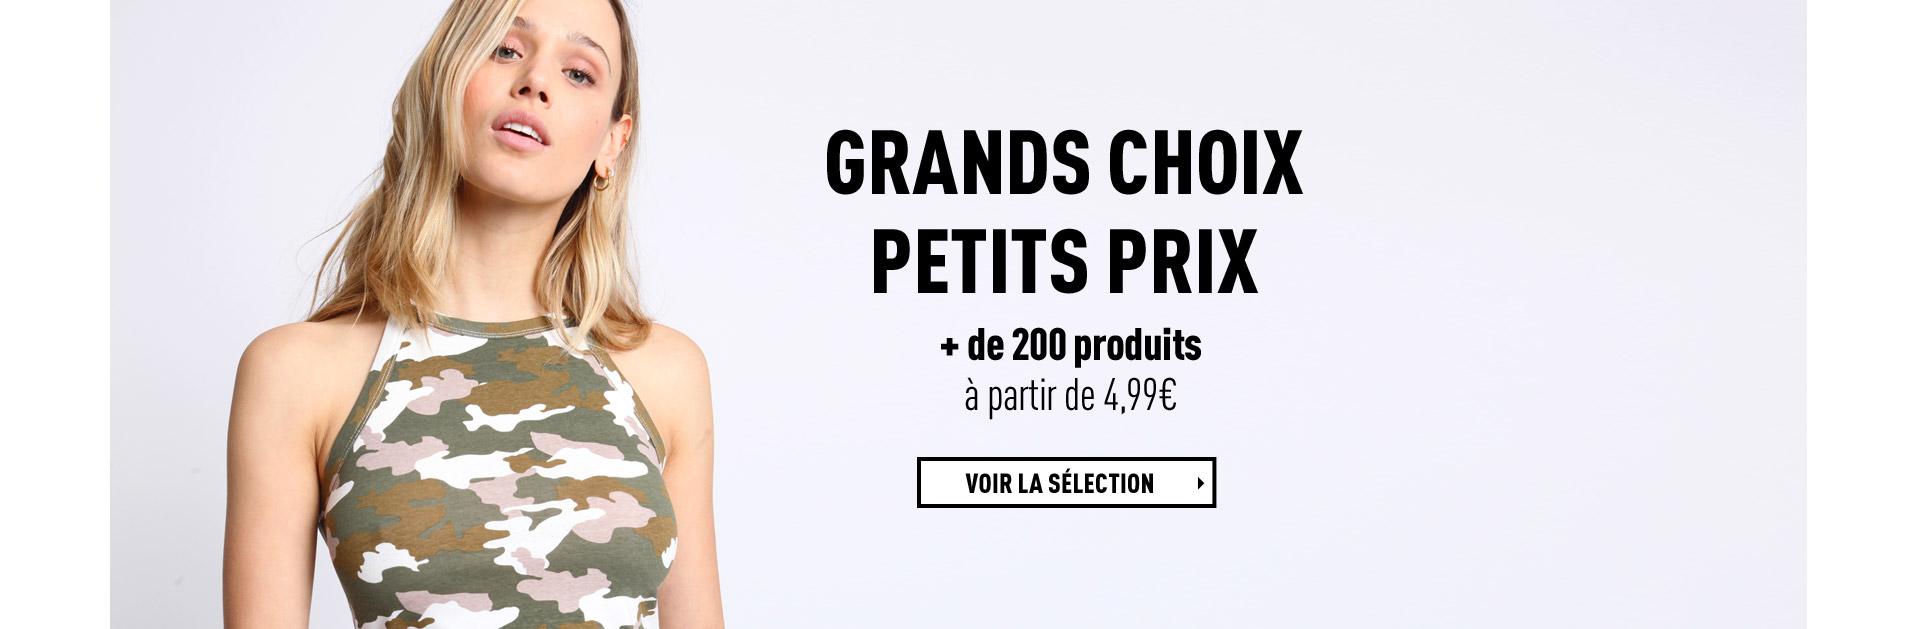 GRANDS CHOIX PETITS PRIX